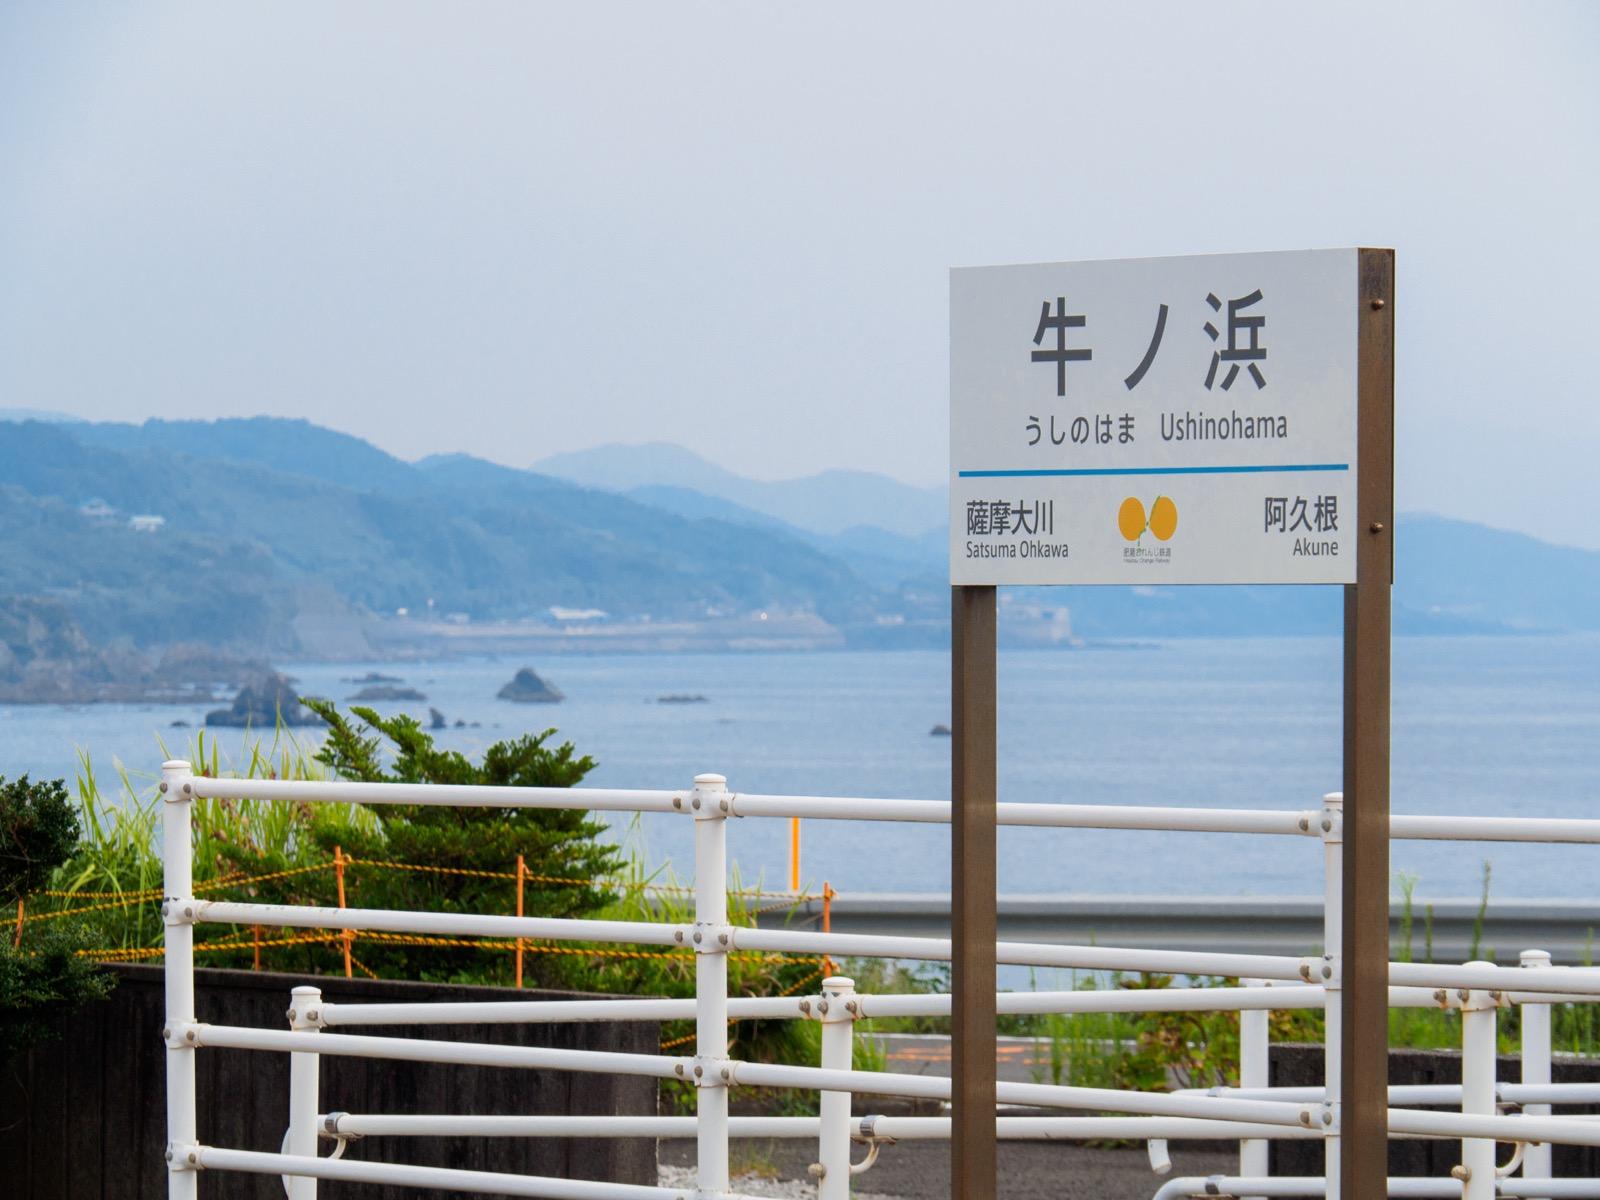 牛ノ浜駅のホームから見た牛之浜海岸(東シナ海)